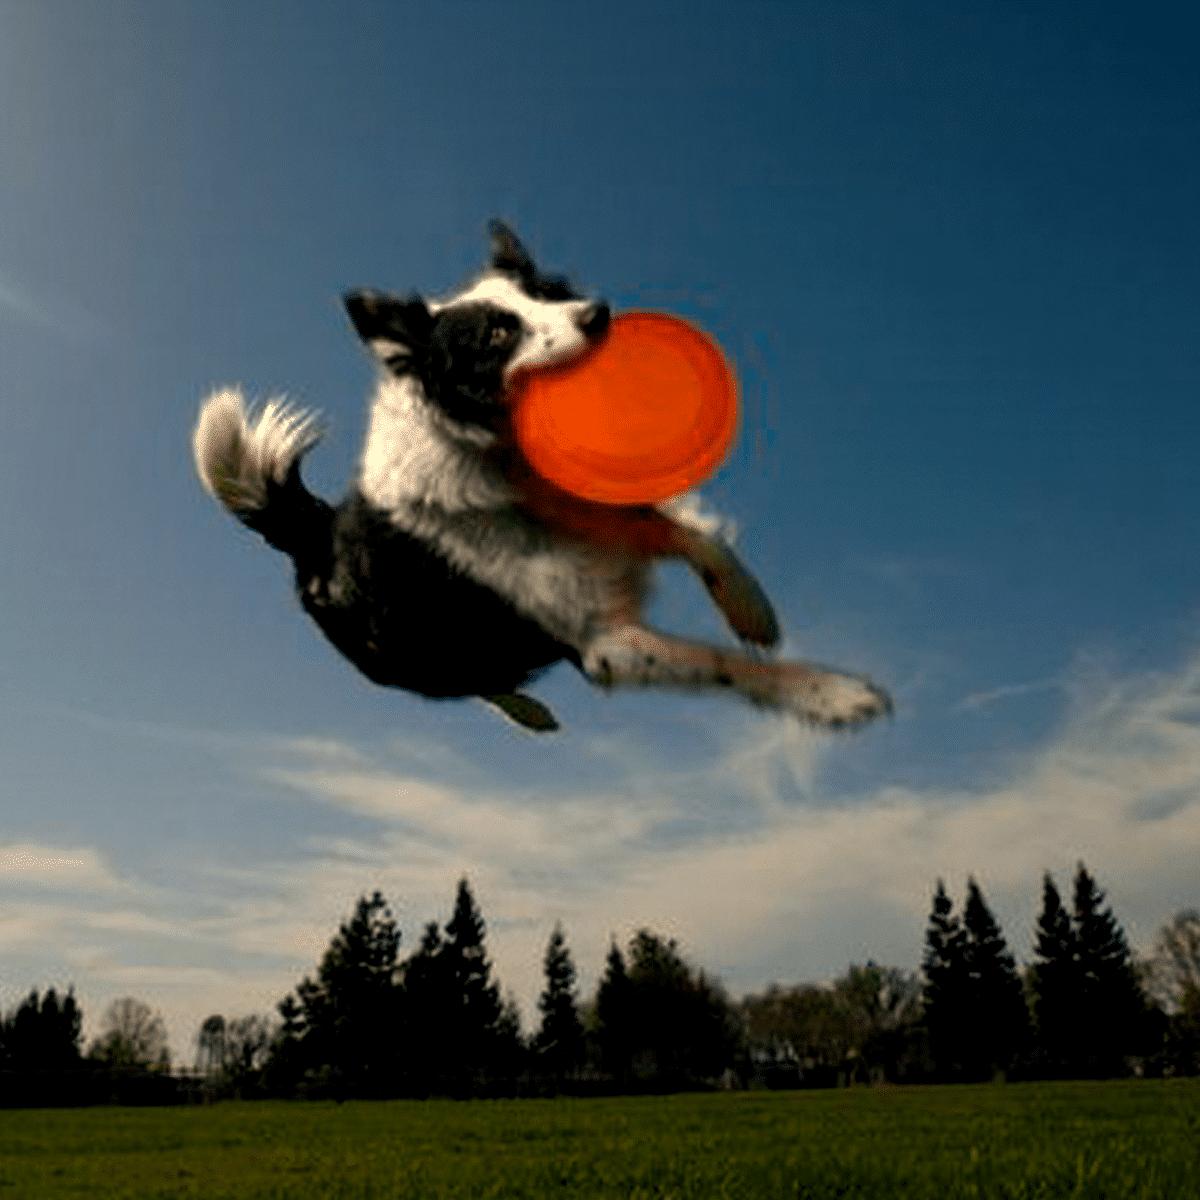 Throw bowl både frisbee och vattenskål till hunden